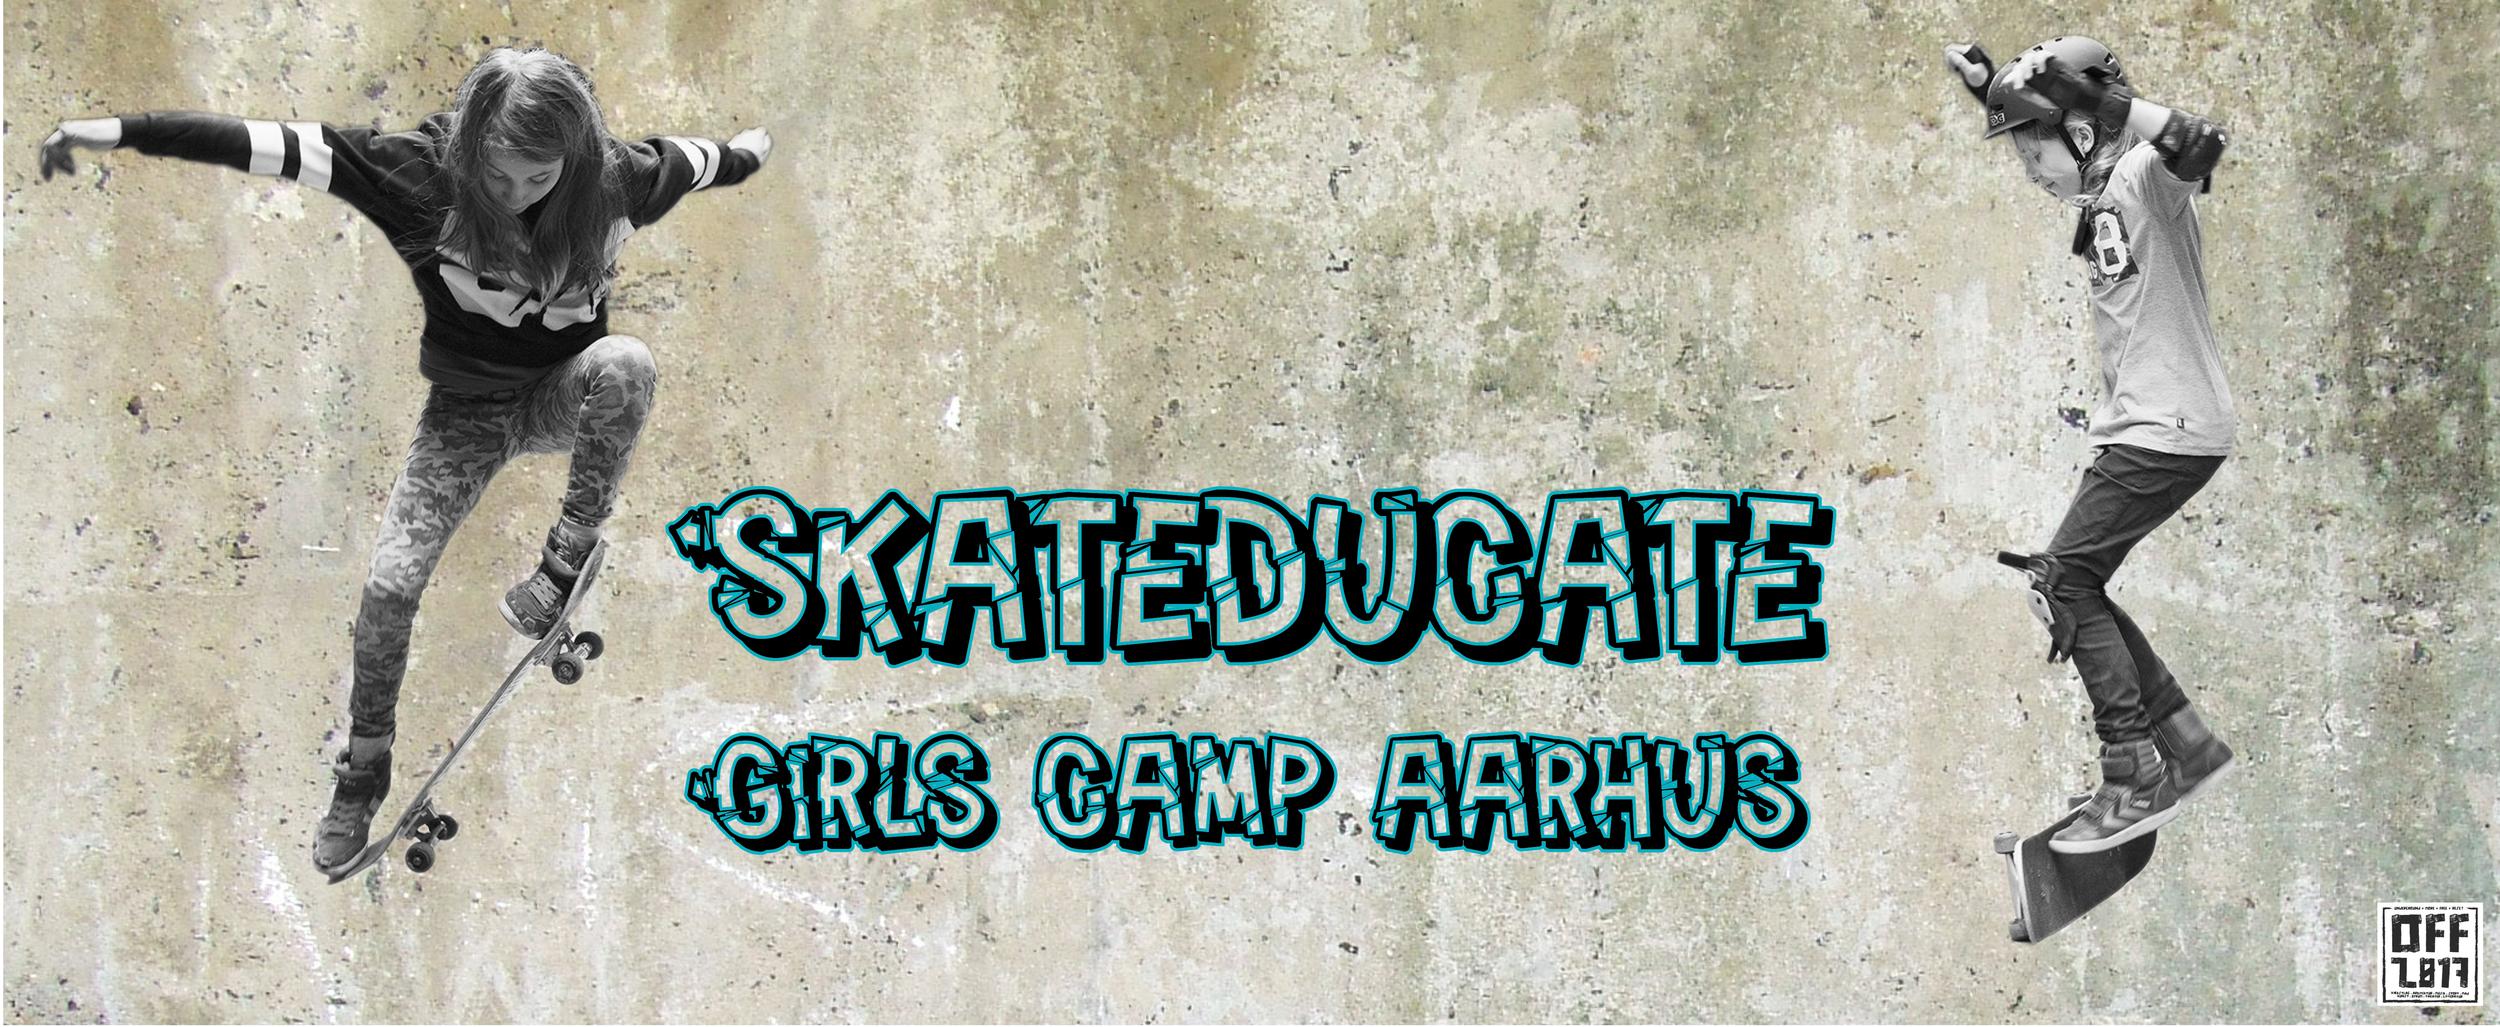 SKATEBOARD CAMP FOR PIGER